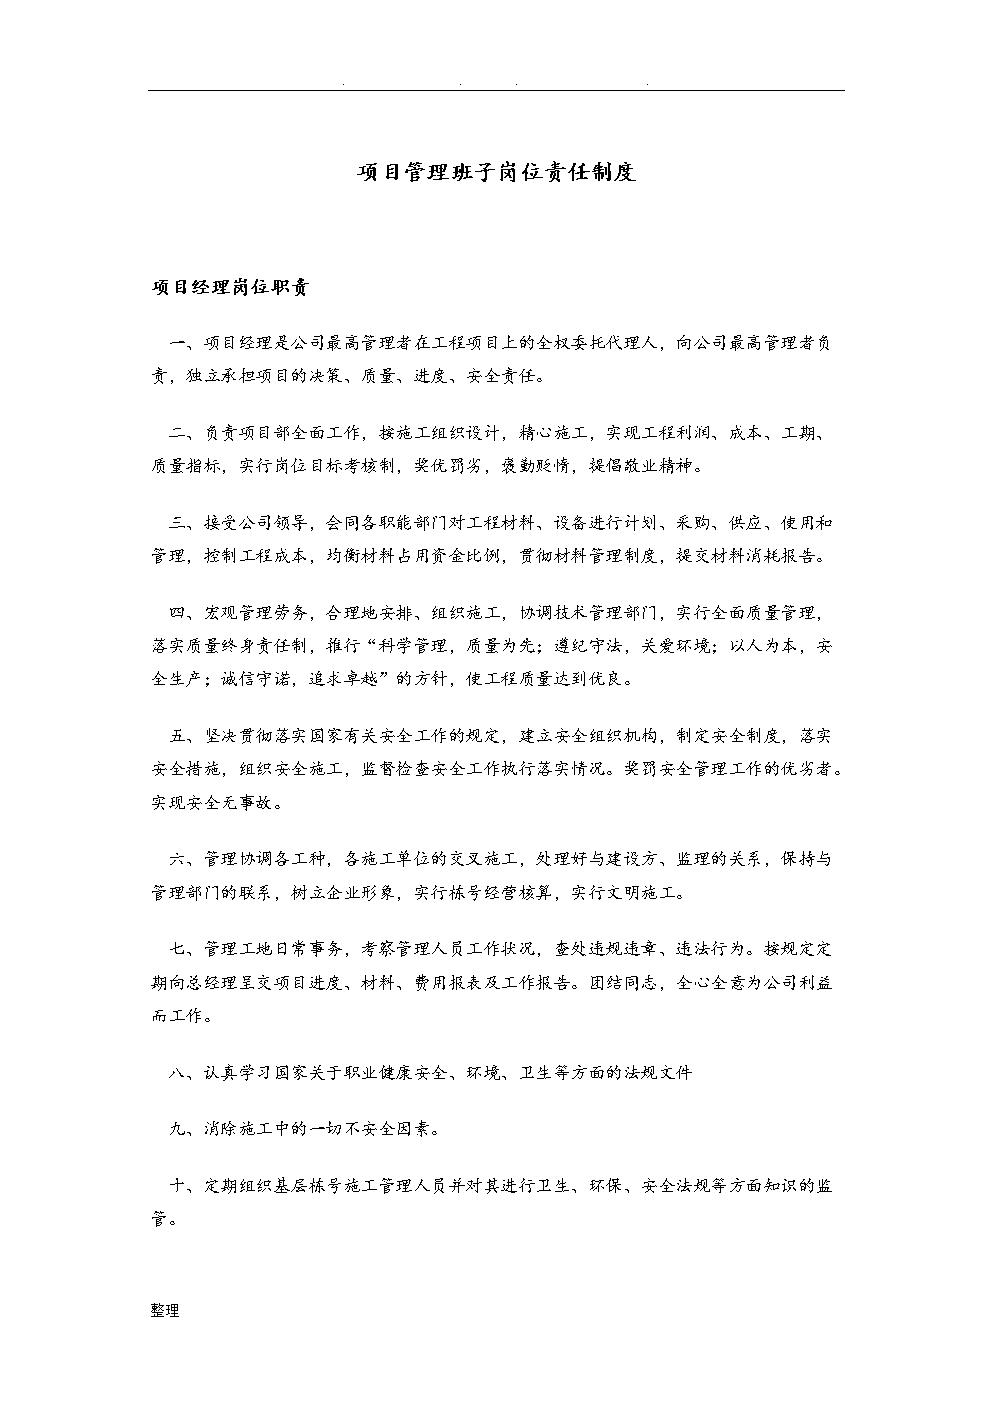 项目管理班子岗位责任制度汇编.doc